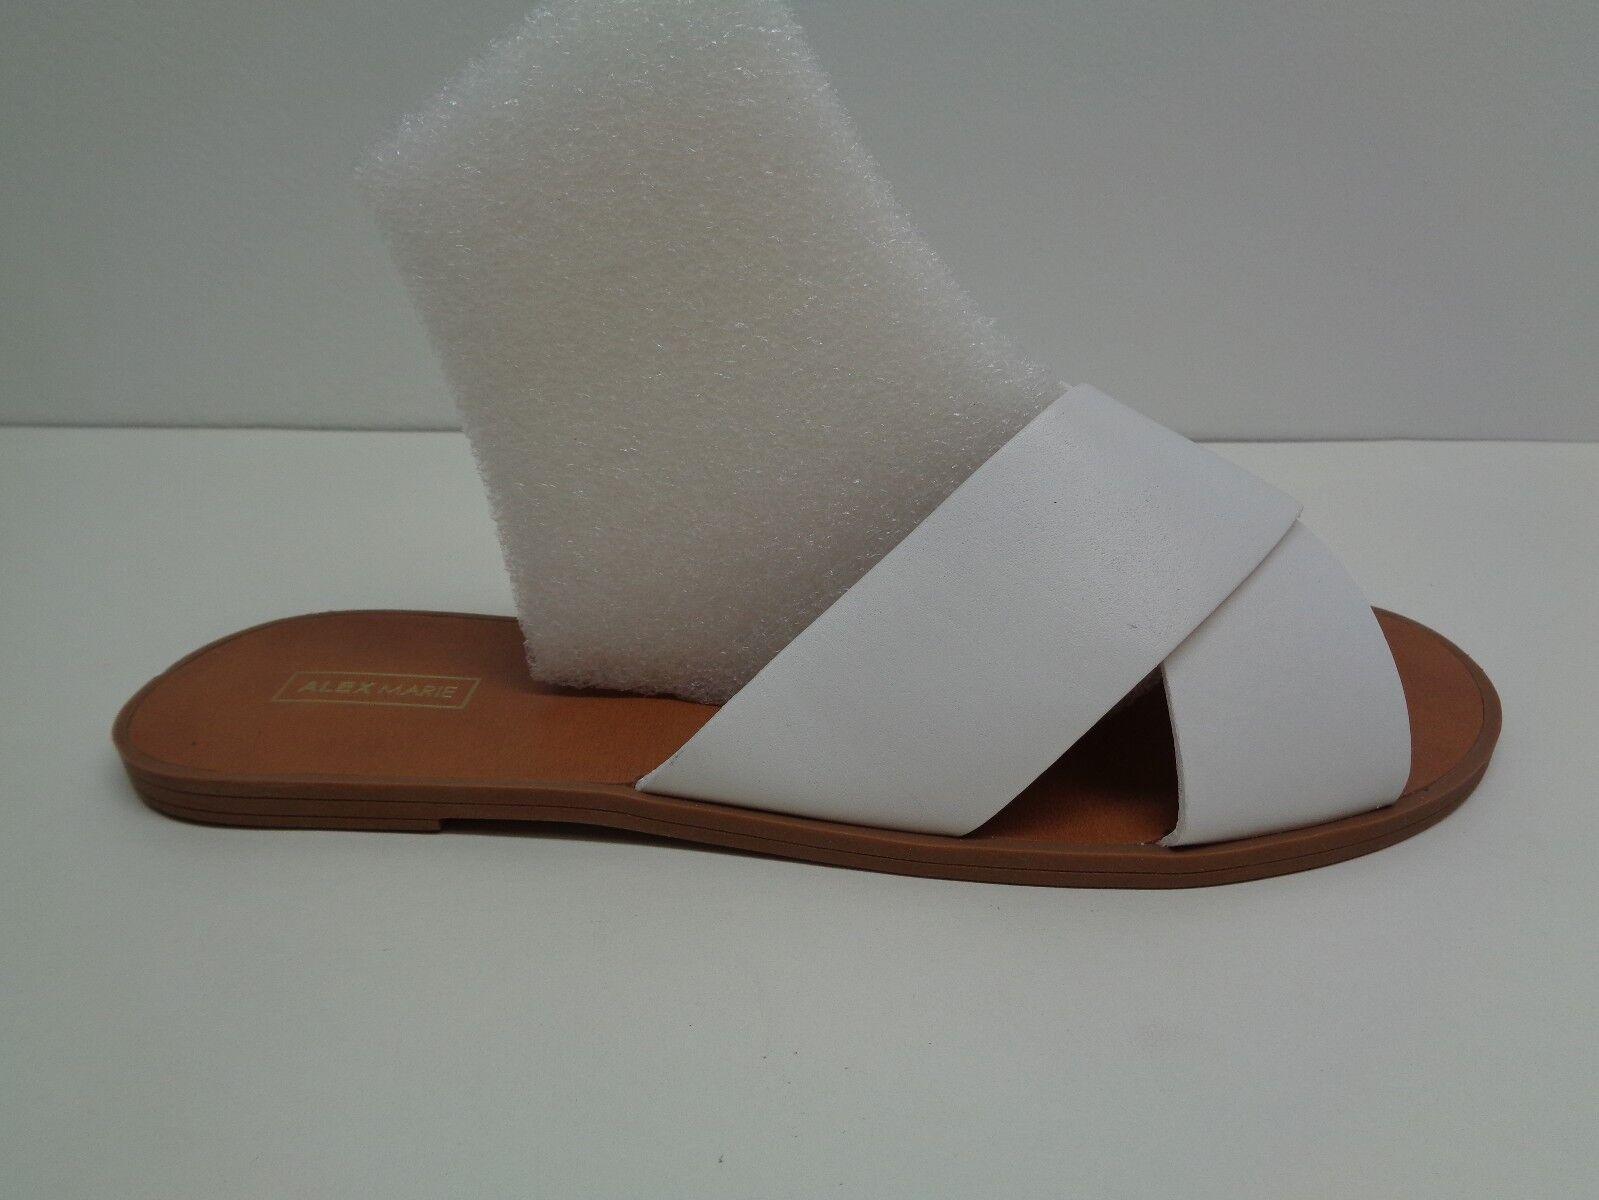 Alex Marie Größe 9 M KALYN WEISS Leder Crisscross Sandales NEU Damenschuhe Schuhes